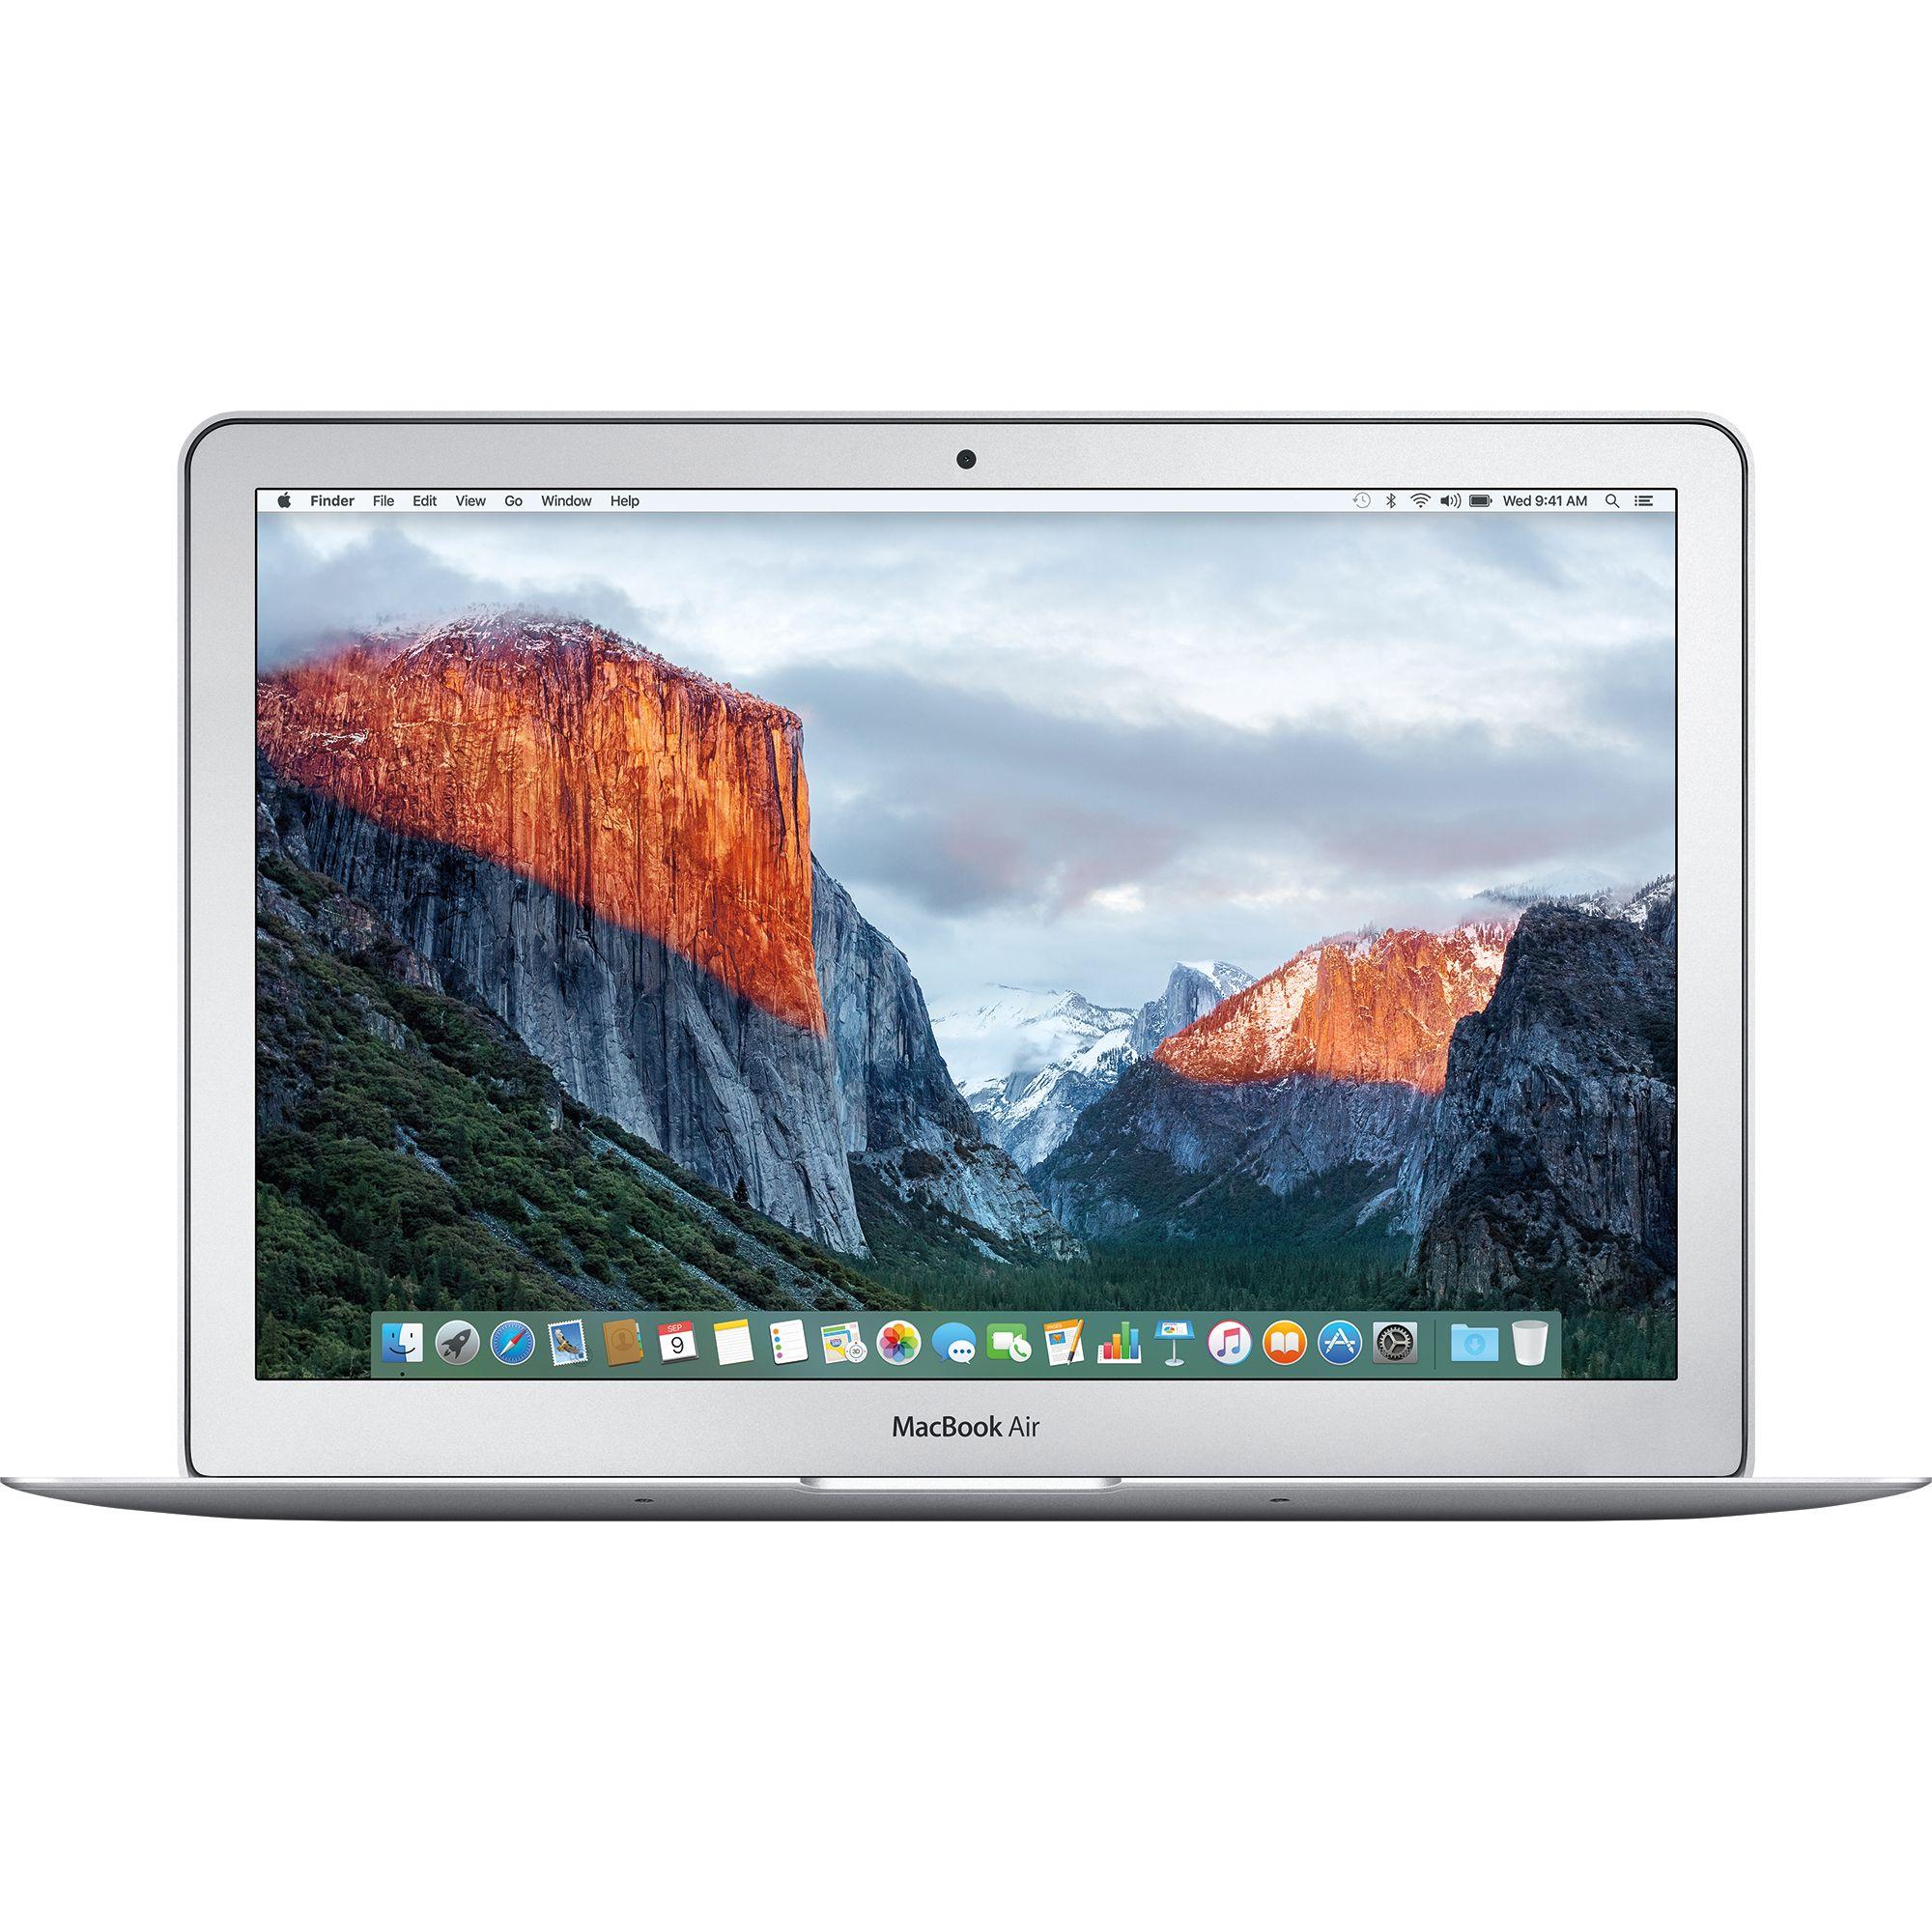 Notebook Apple MacBook Air 13 Intel Core i5 1.8 GHz RAM 8GB SSD 128GB Tastatura INT Silver